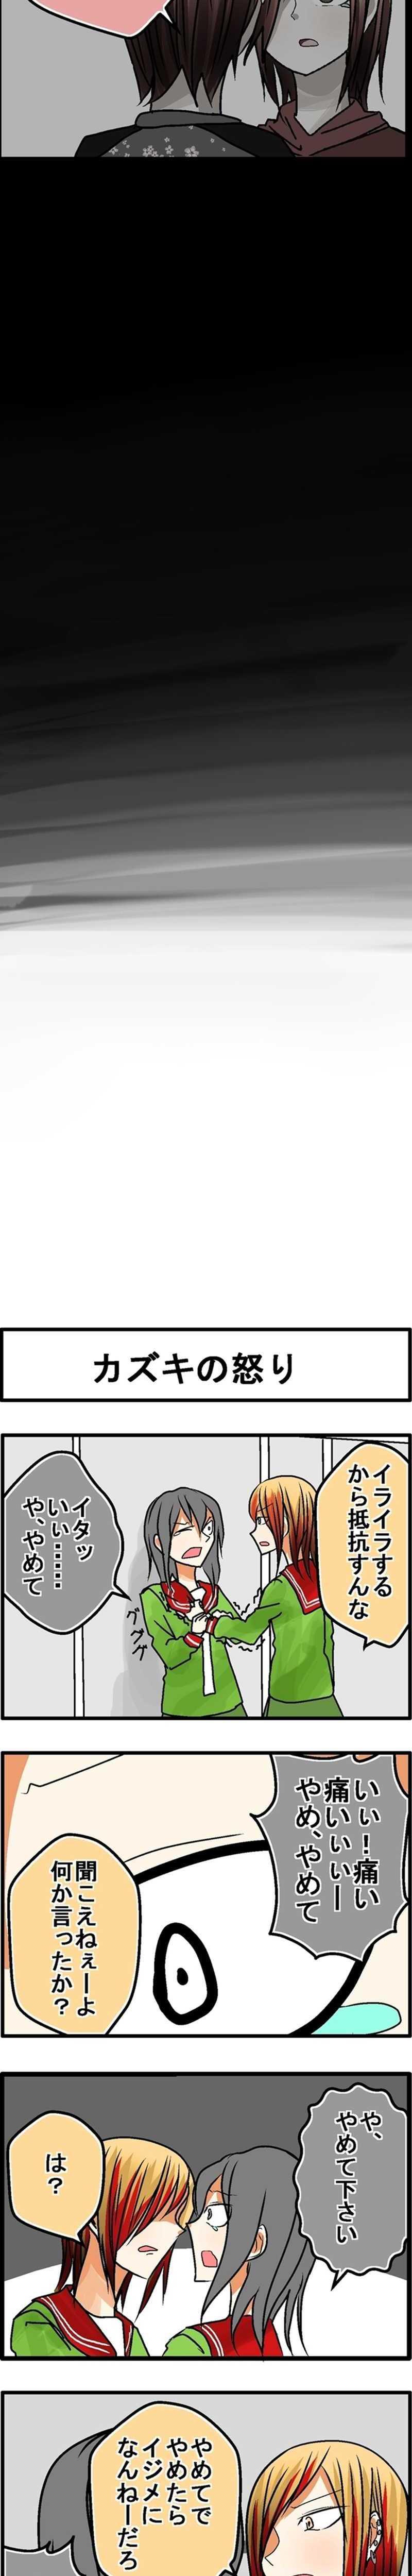 #11「停学編」その2